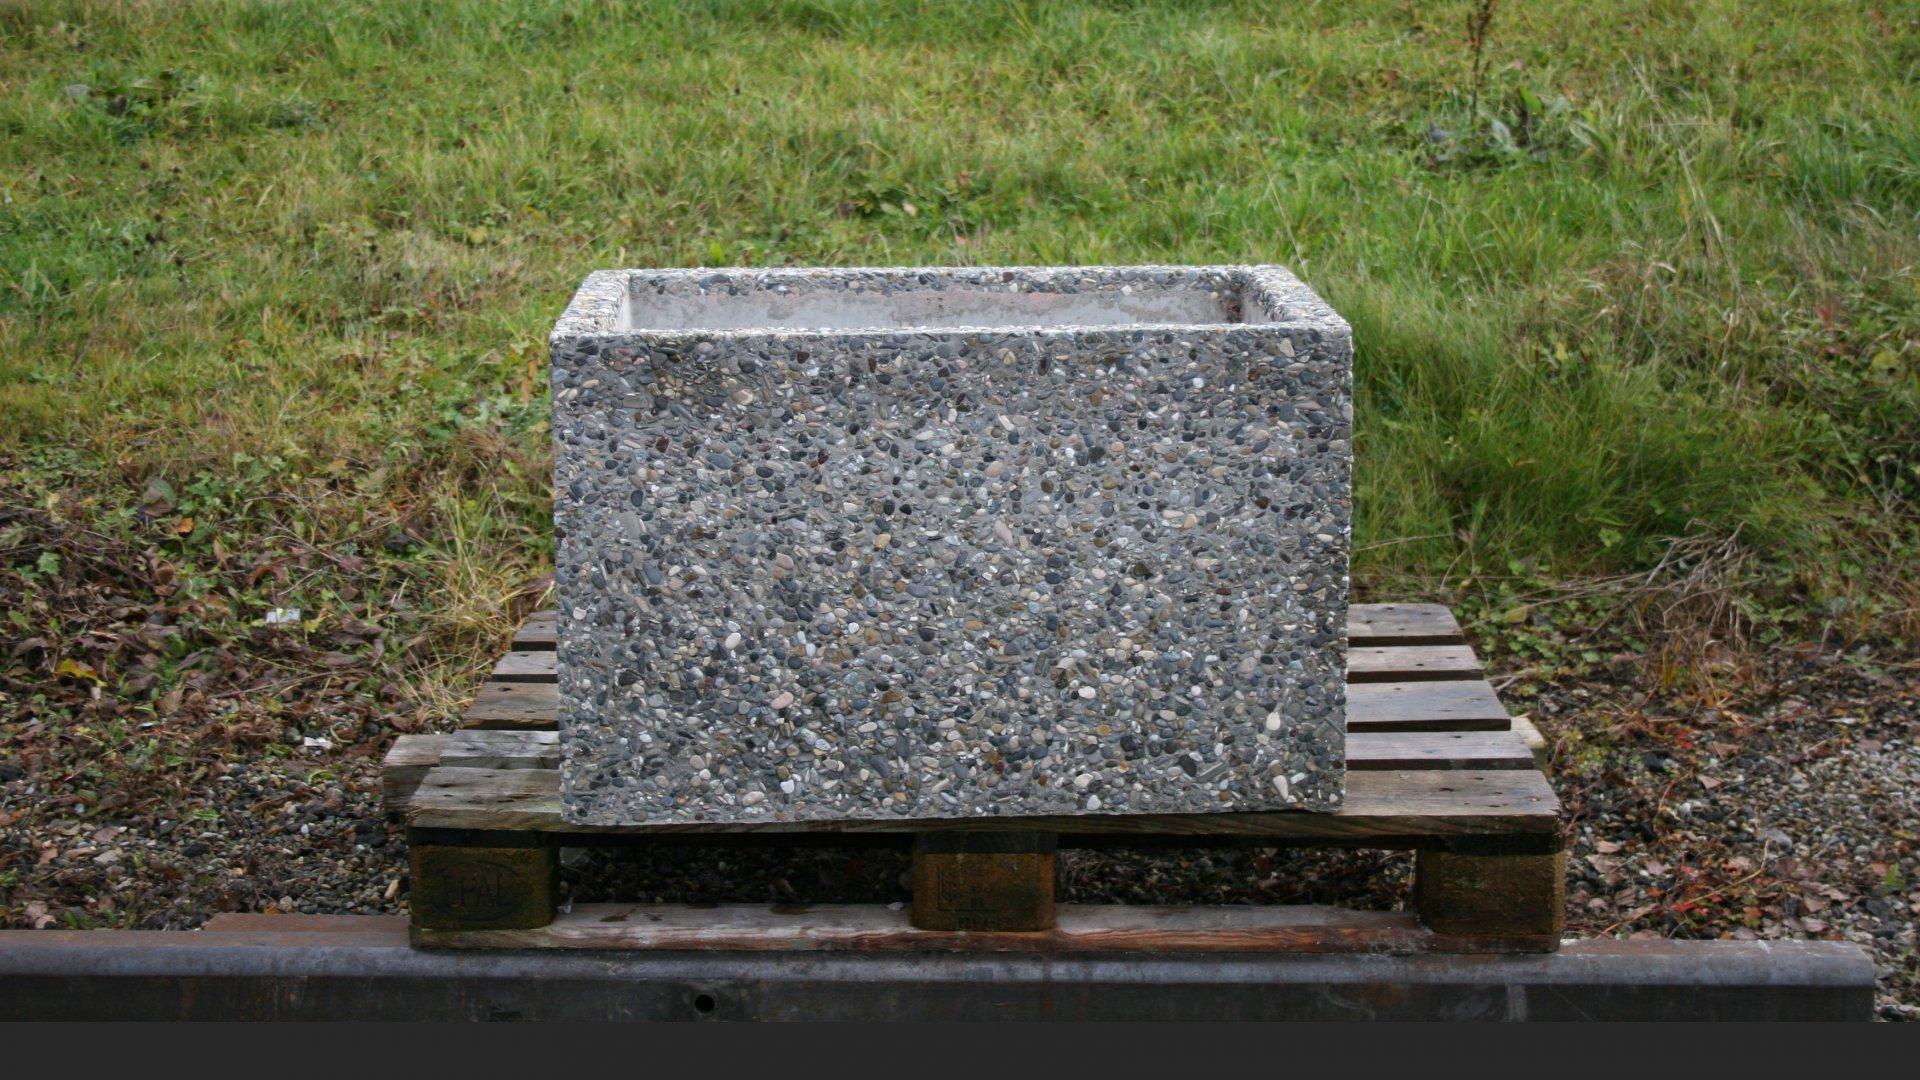 blumentrog-wasserbecken-80cm_f